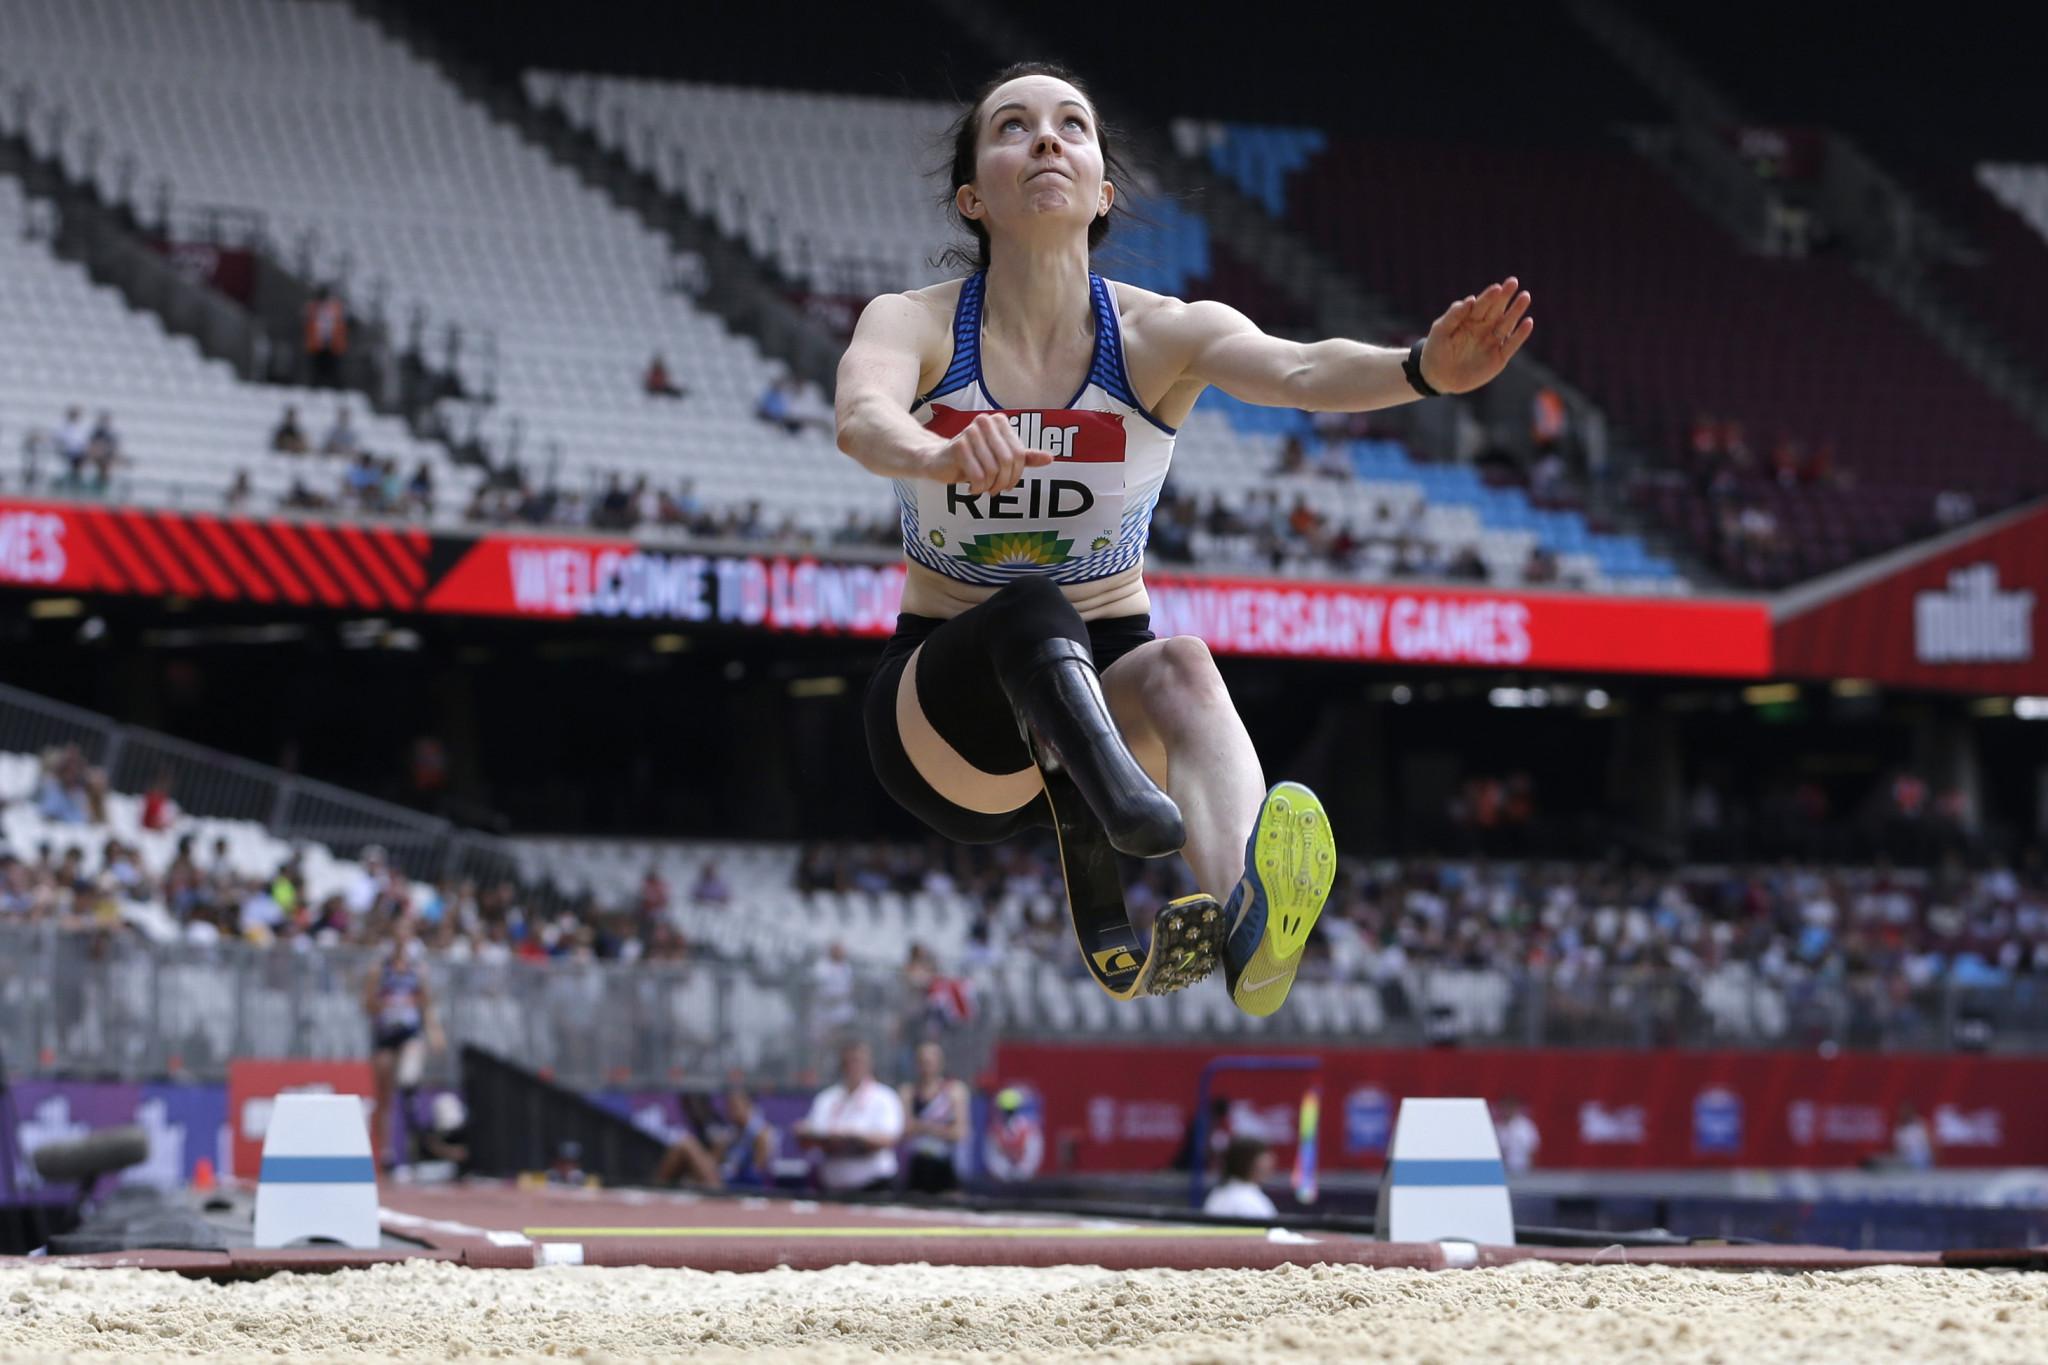 British Para-athlete Stefanie Reid described the speculation about Tokyo 2020 as